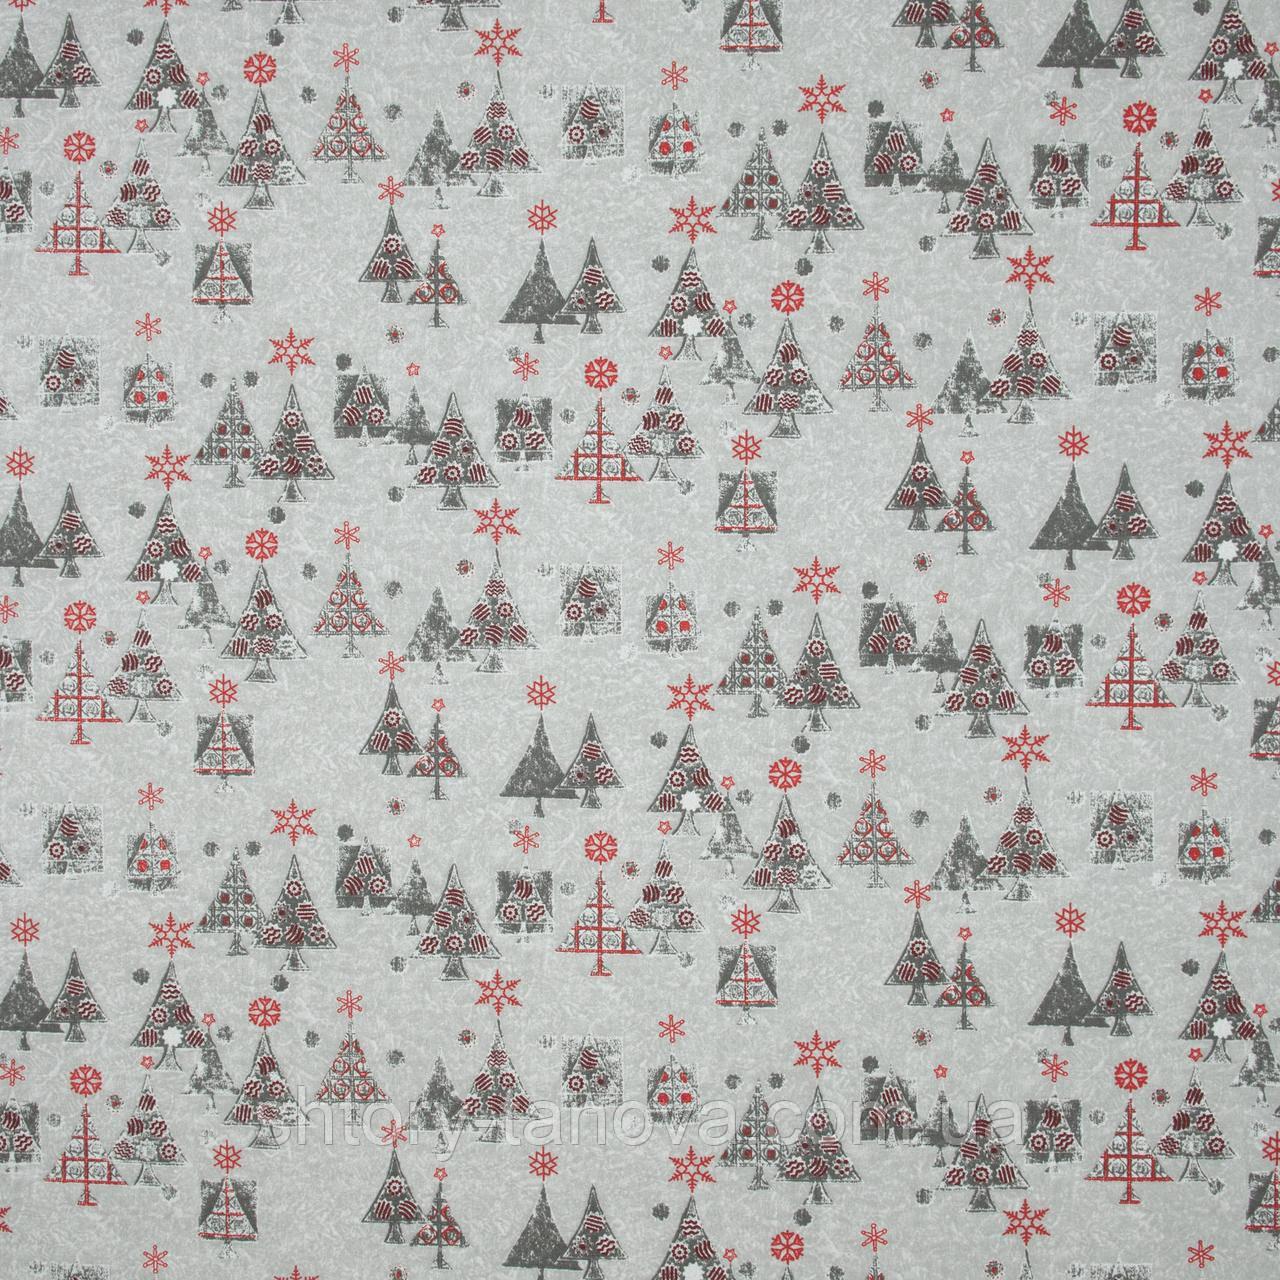 Декоративная ткань с новогодним принтом серебряные ёлочки хлопок 80% Ткани на метраж для штор, рукоделия